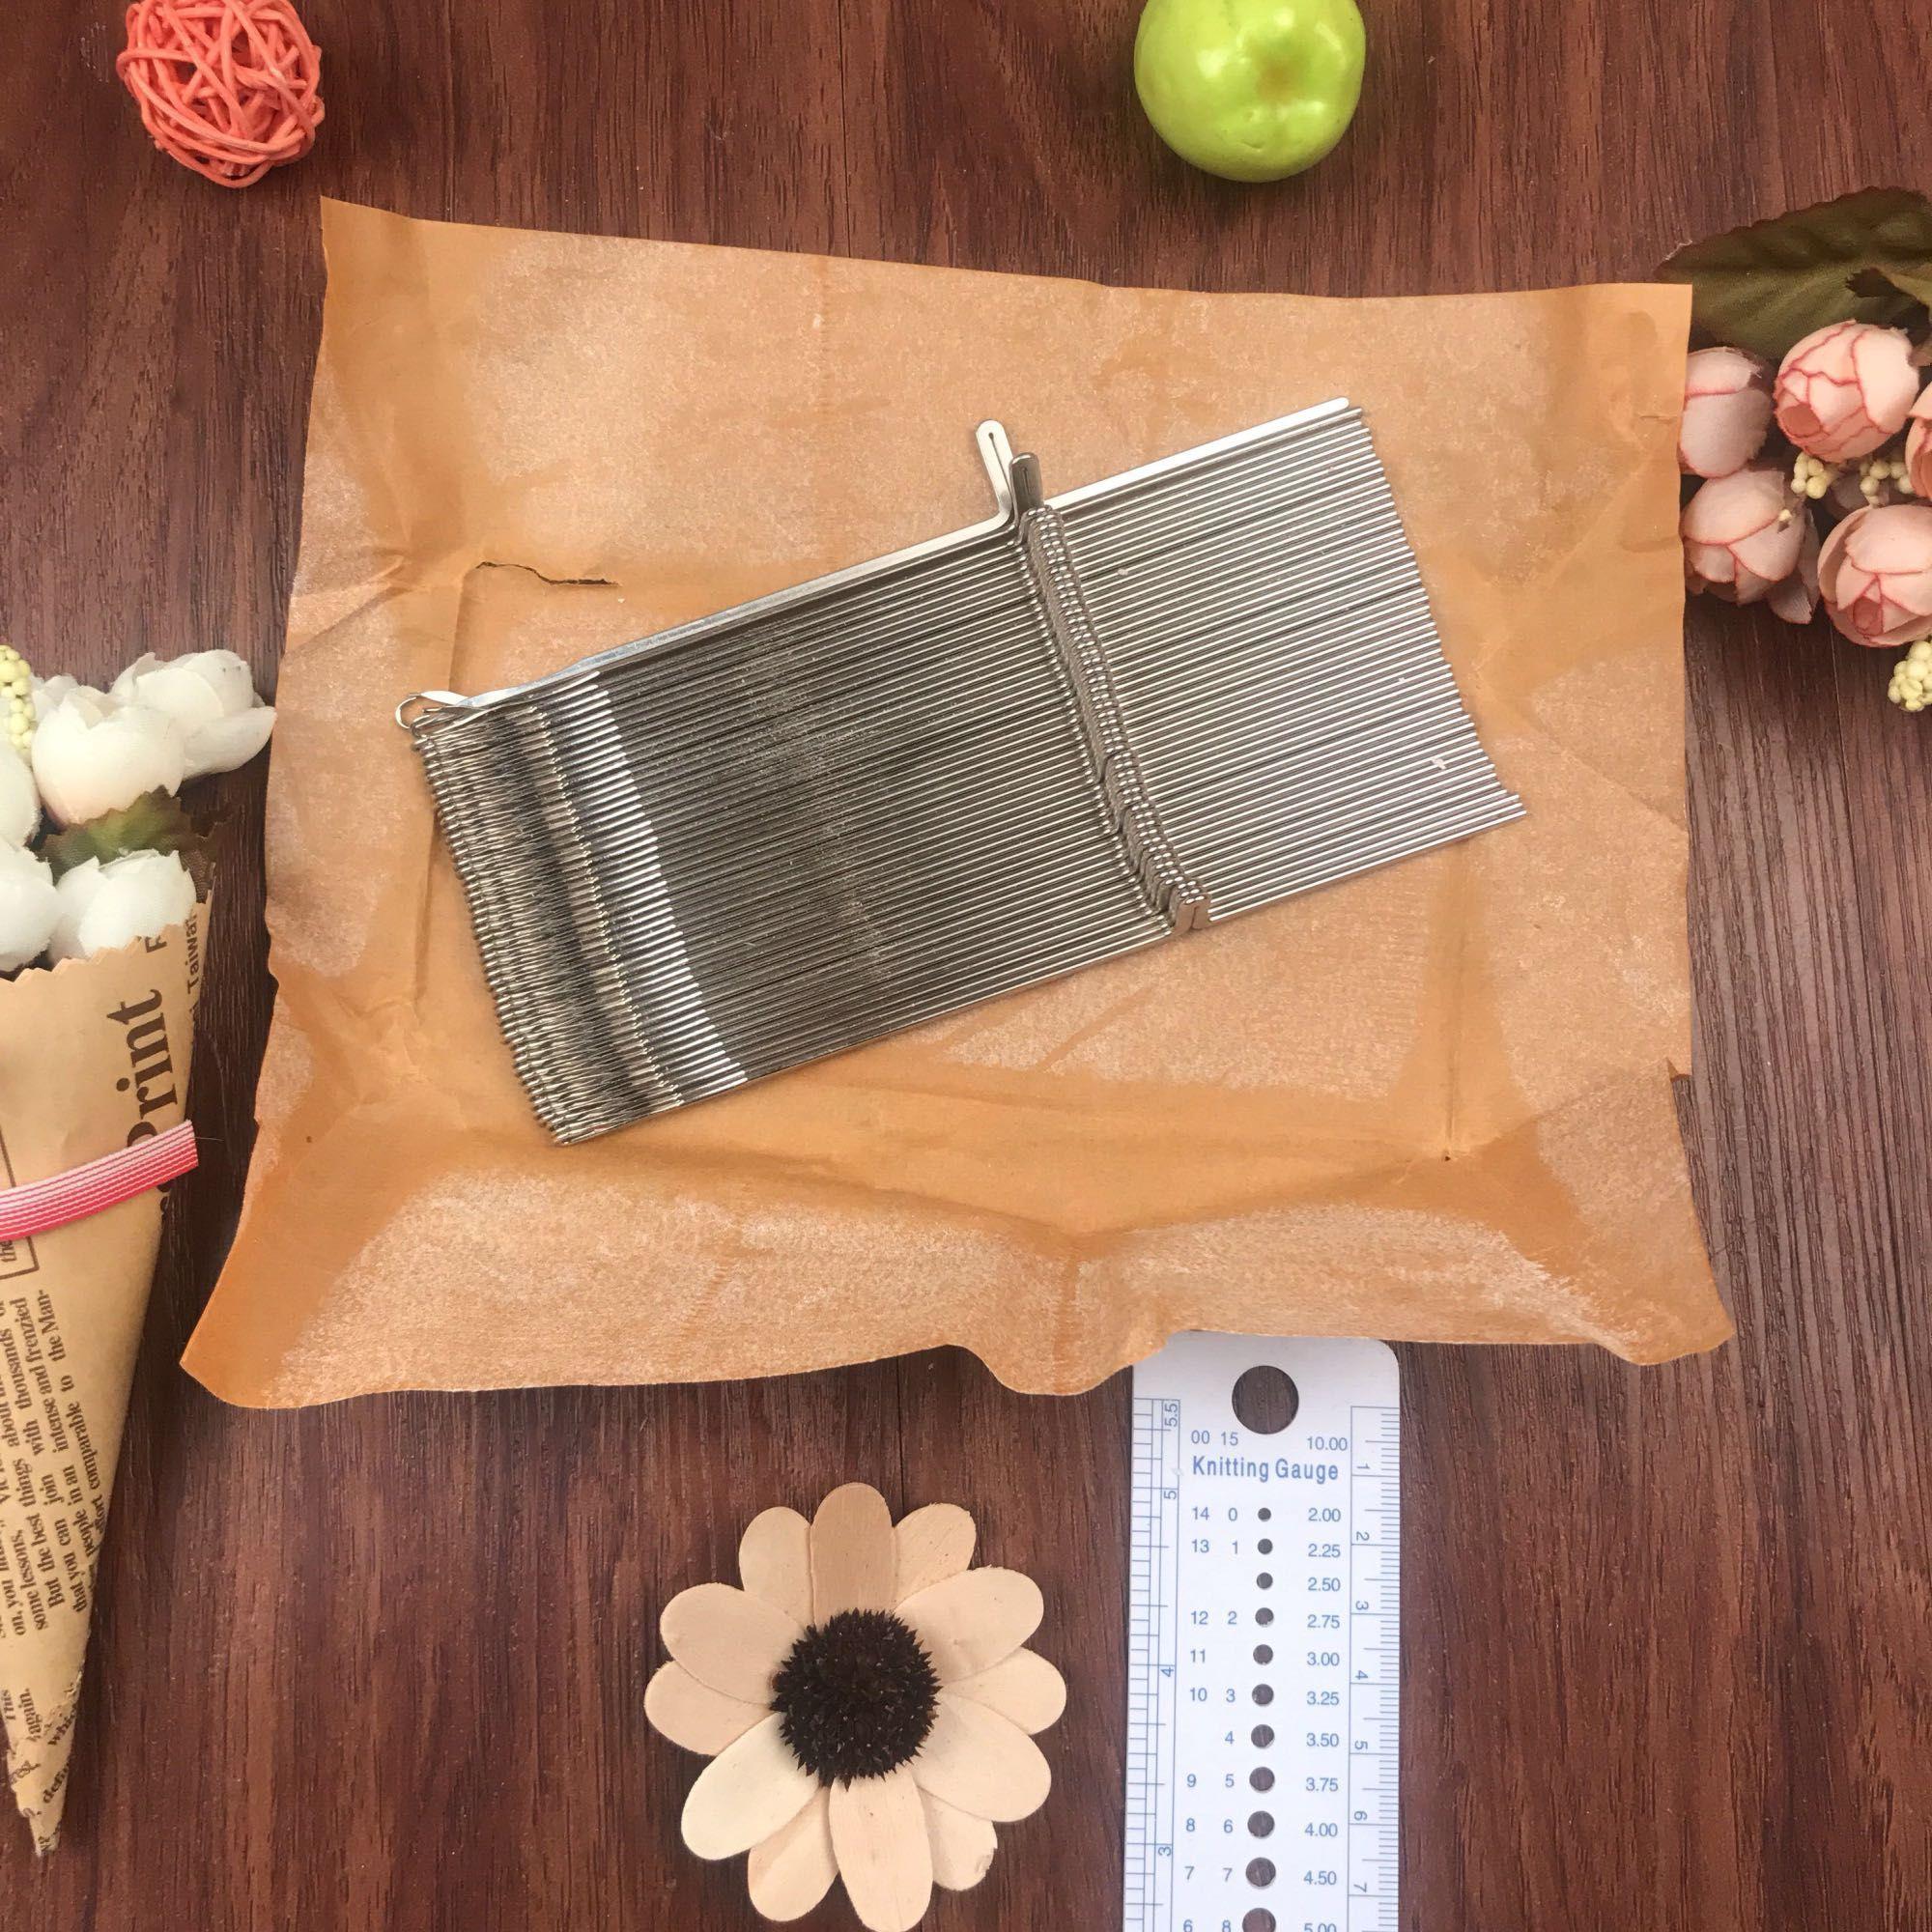 Livraison Gratuite KH260 machine à tricoter crochet aiguilles 15.7 cm 50 pièces FRÈRE/SILVER REED principal machines tricotées raccord